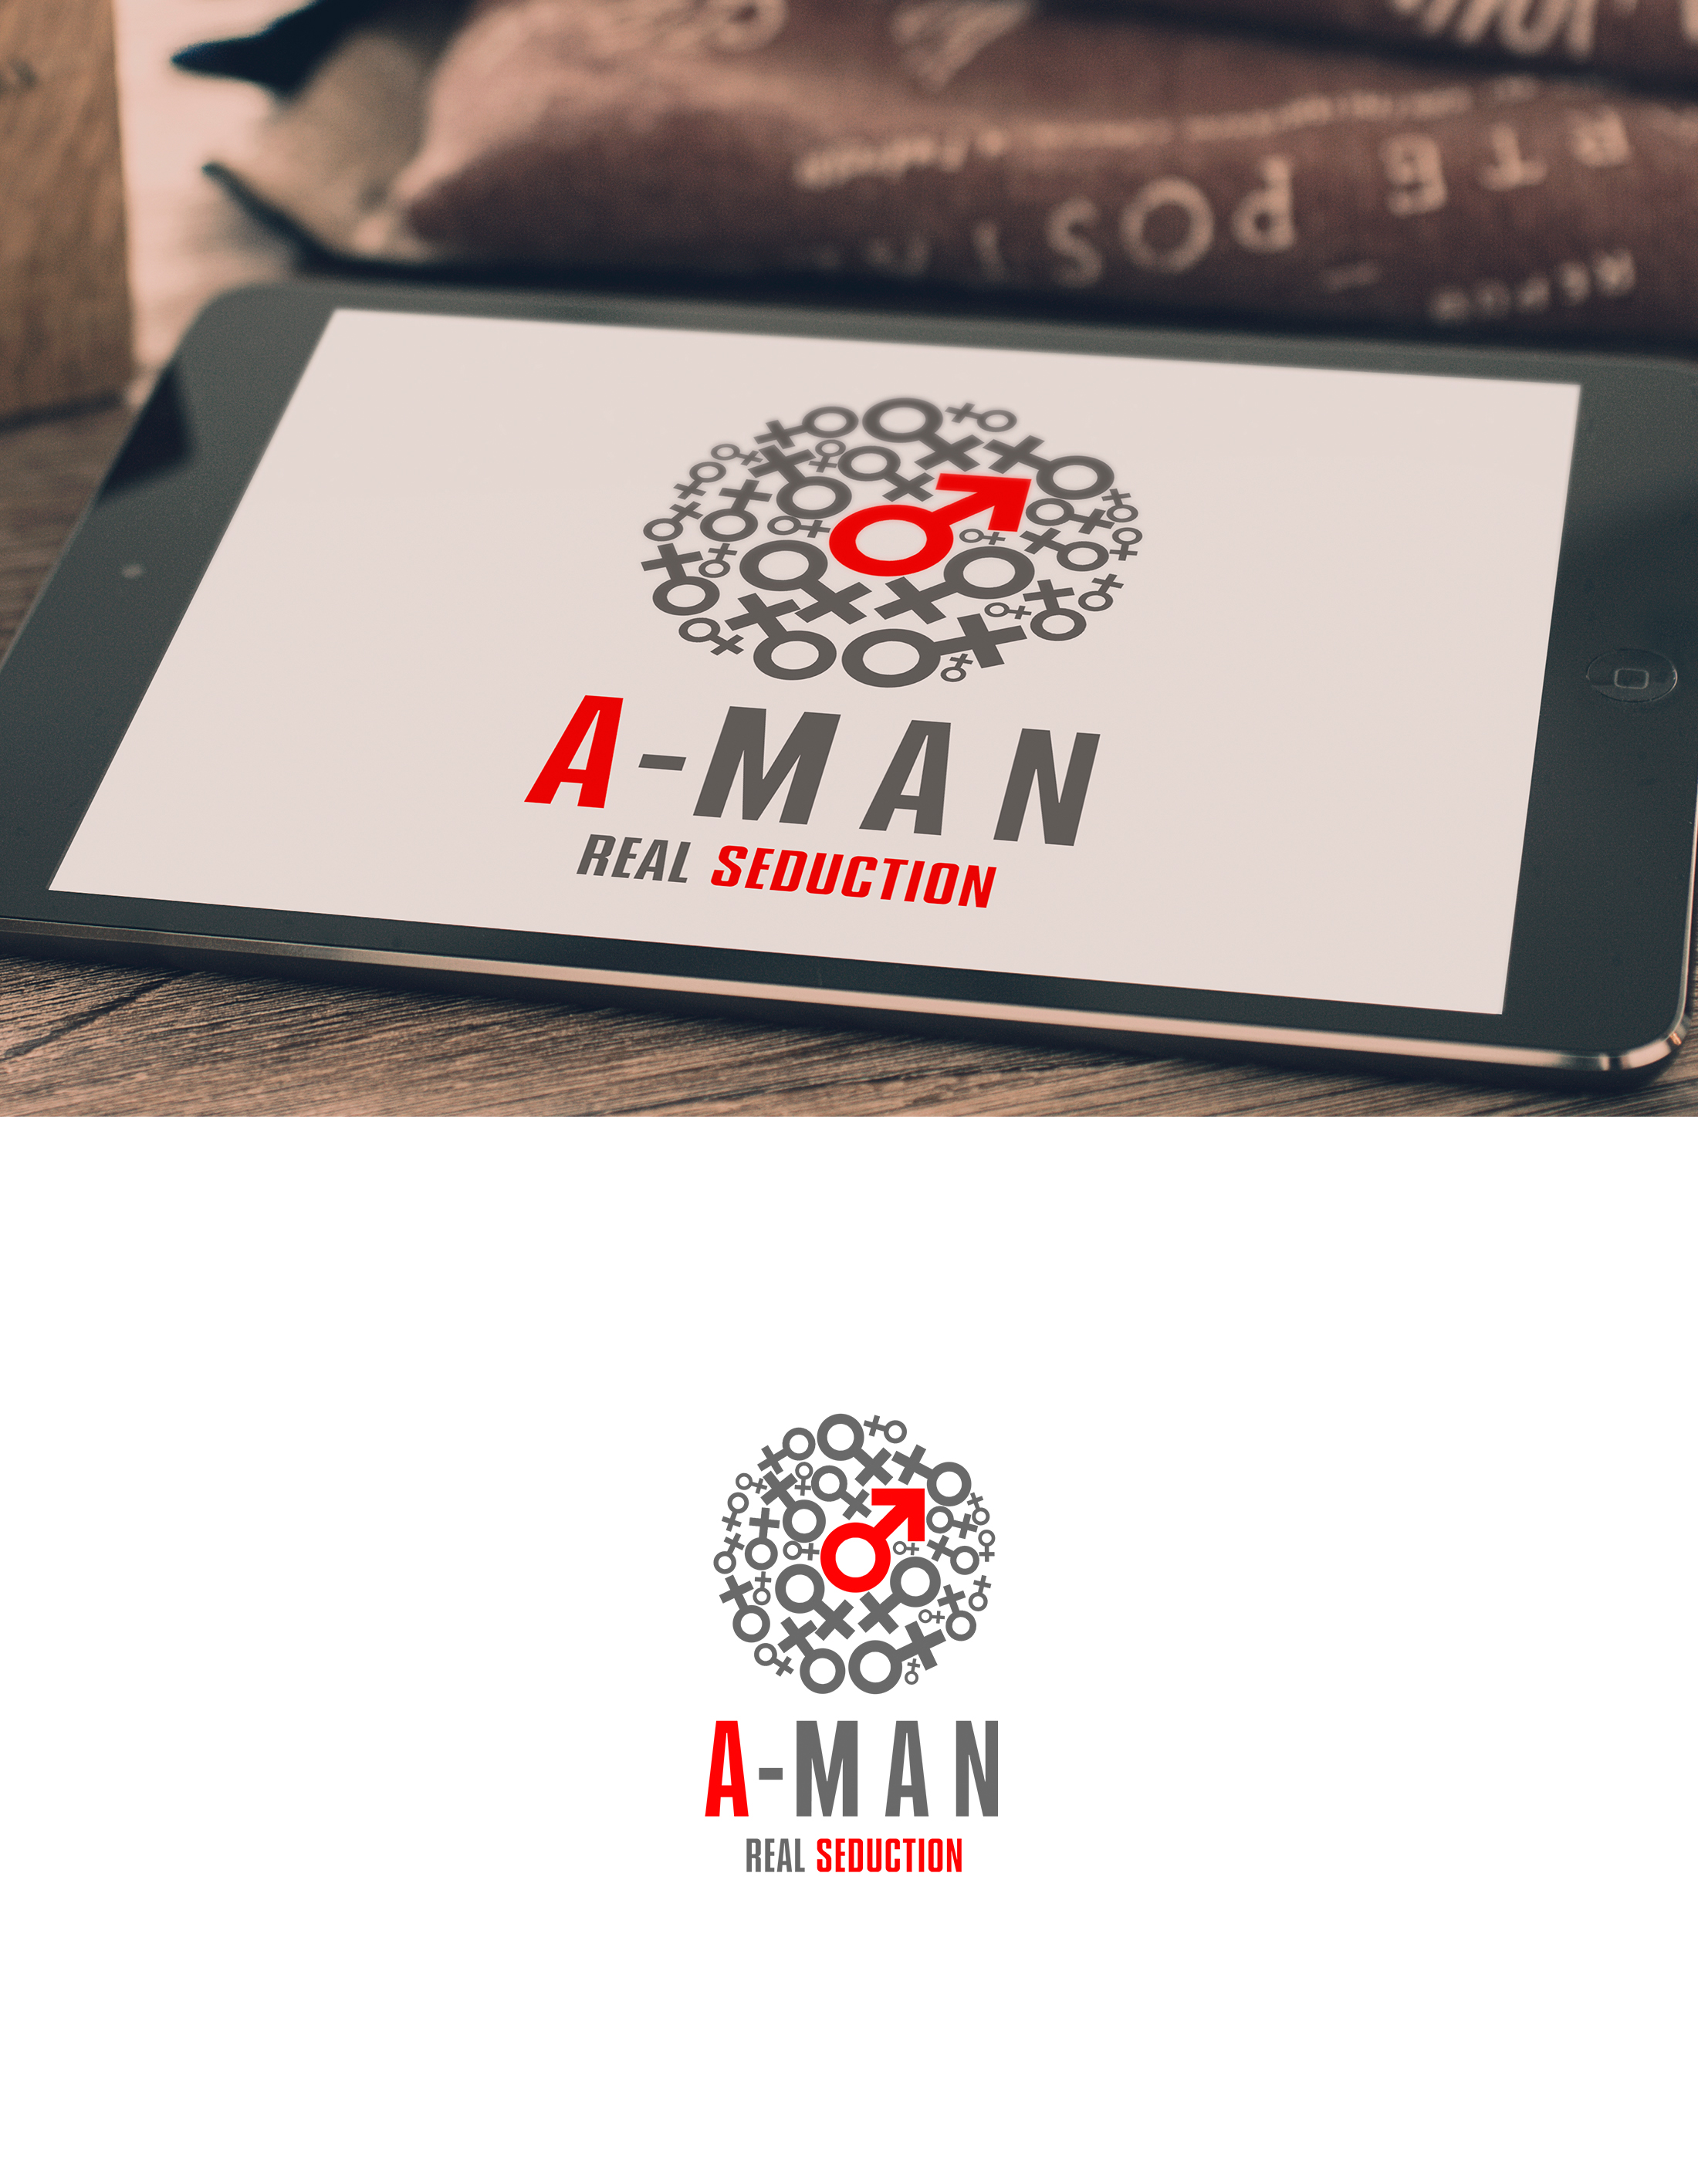 A-man